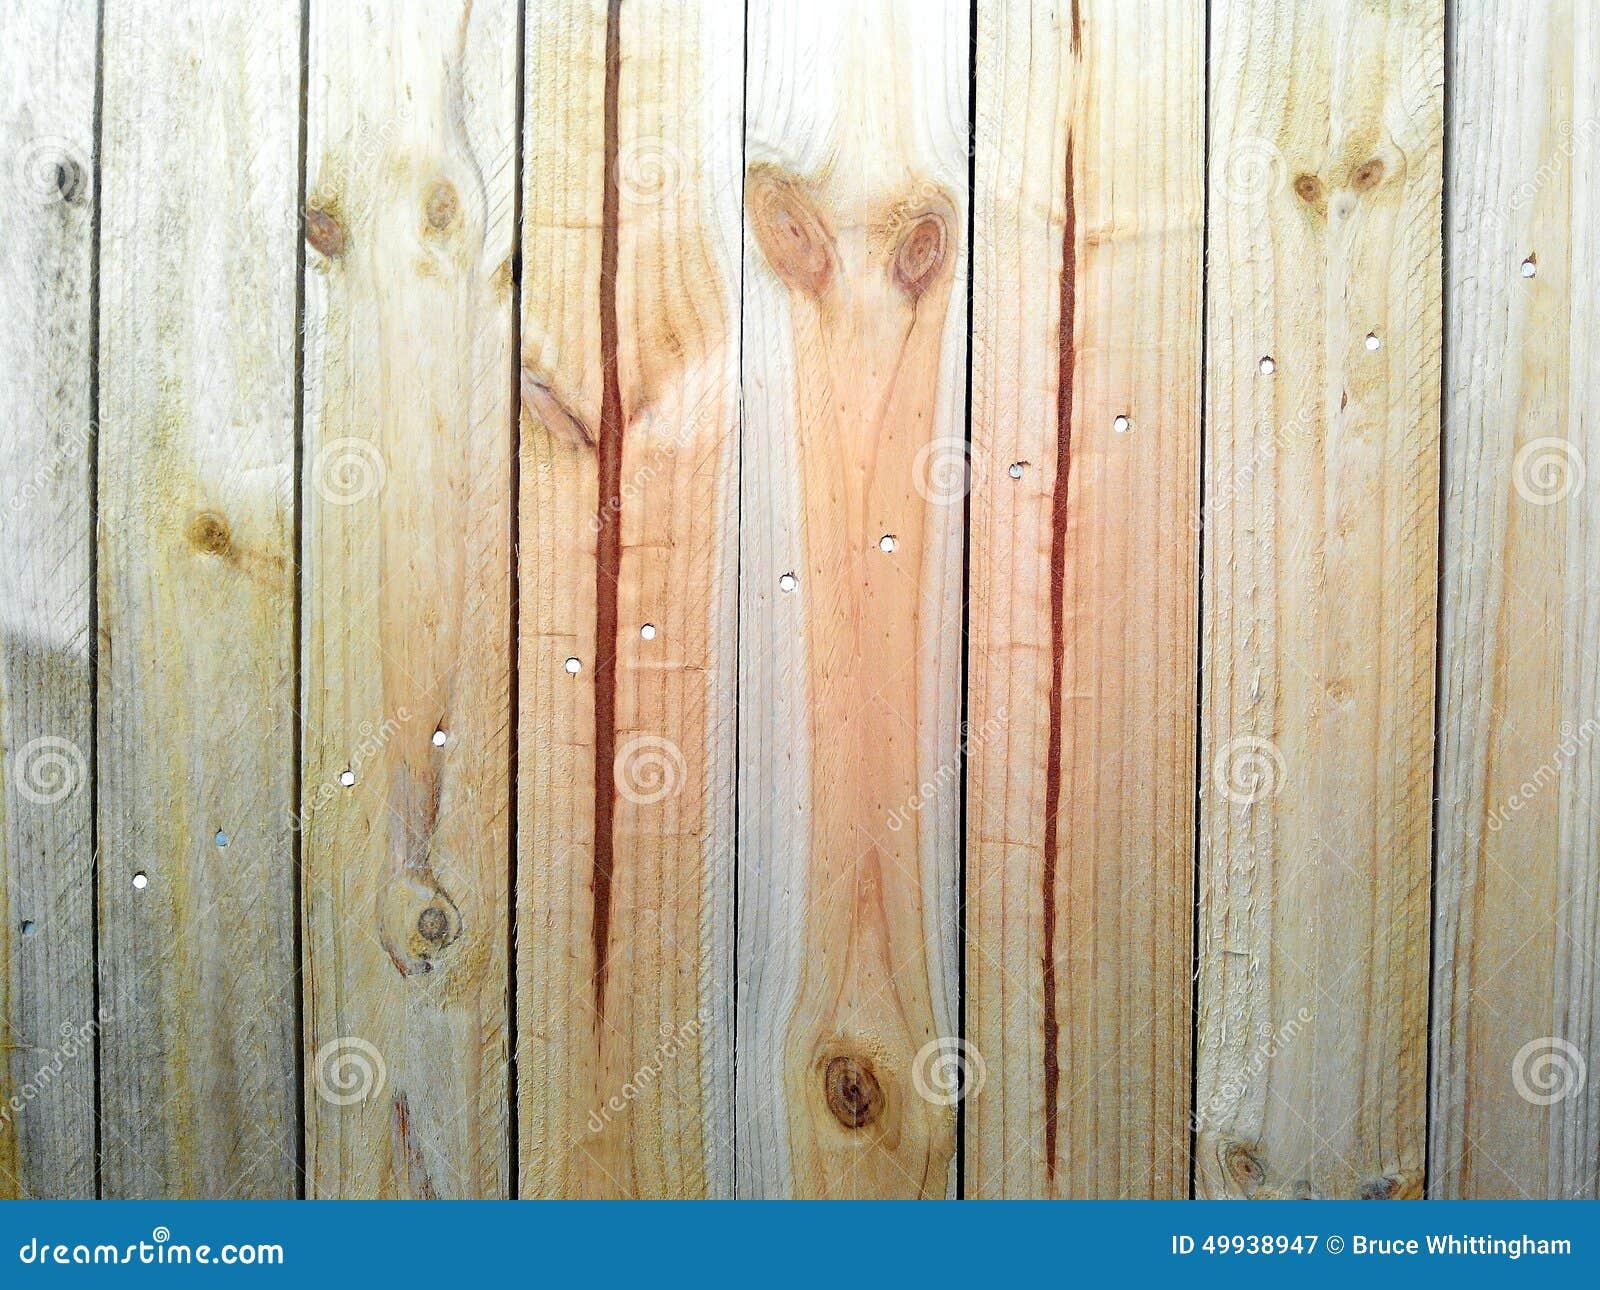 New wood fence stock photo image